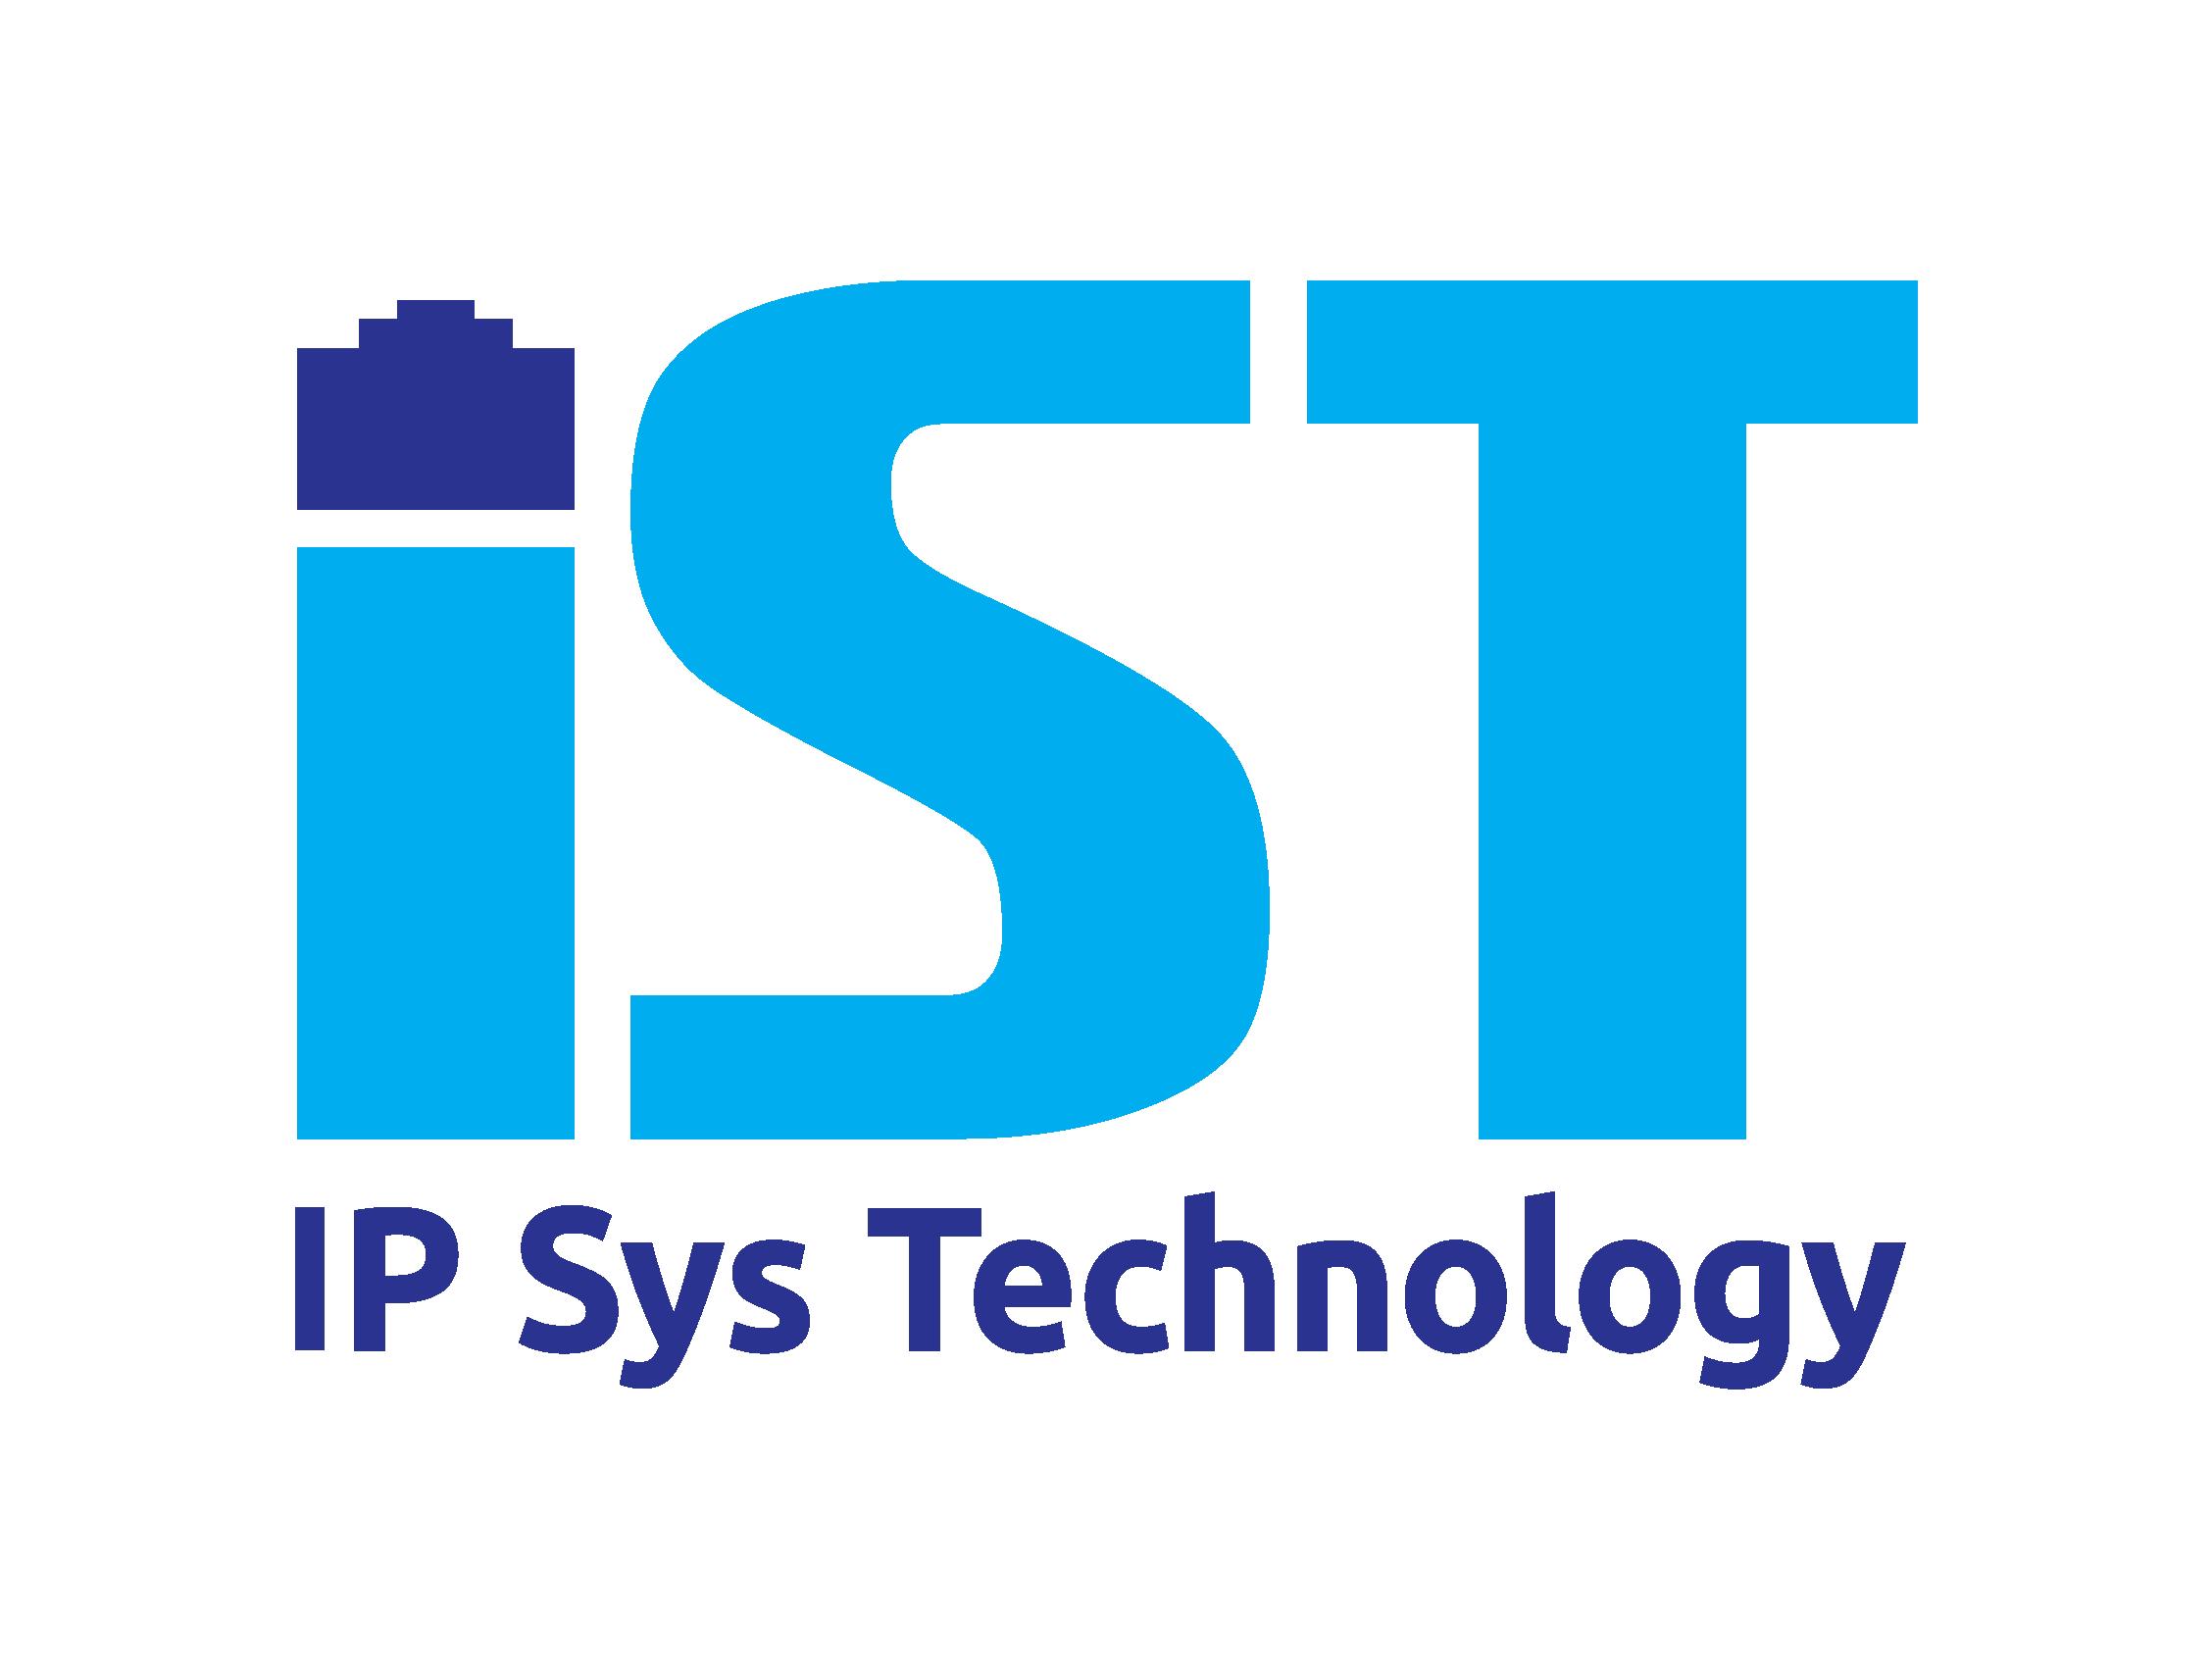 Sistemas y tecnologias iP